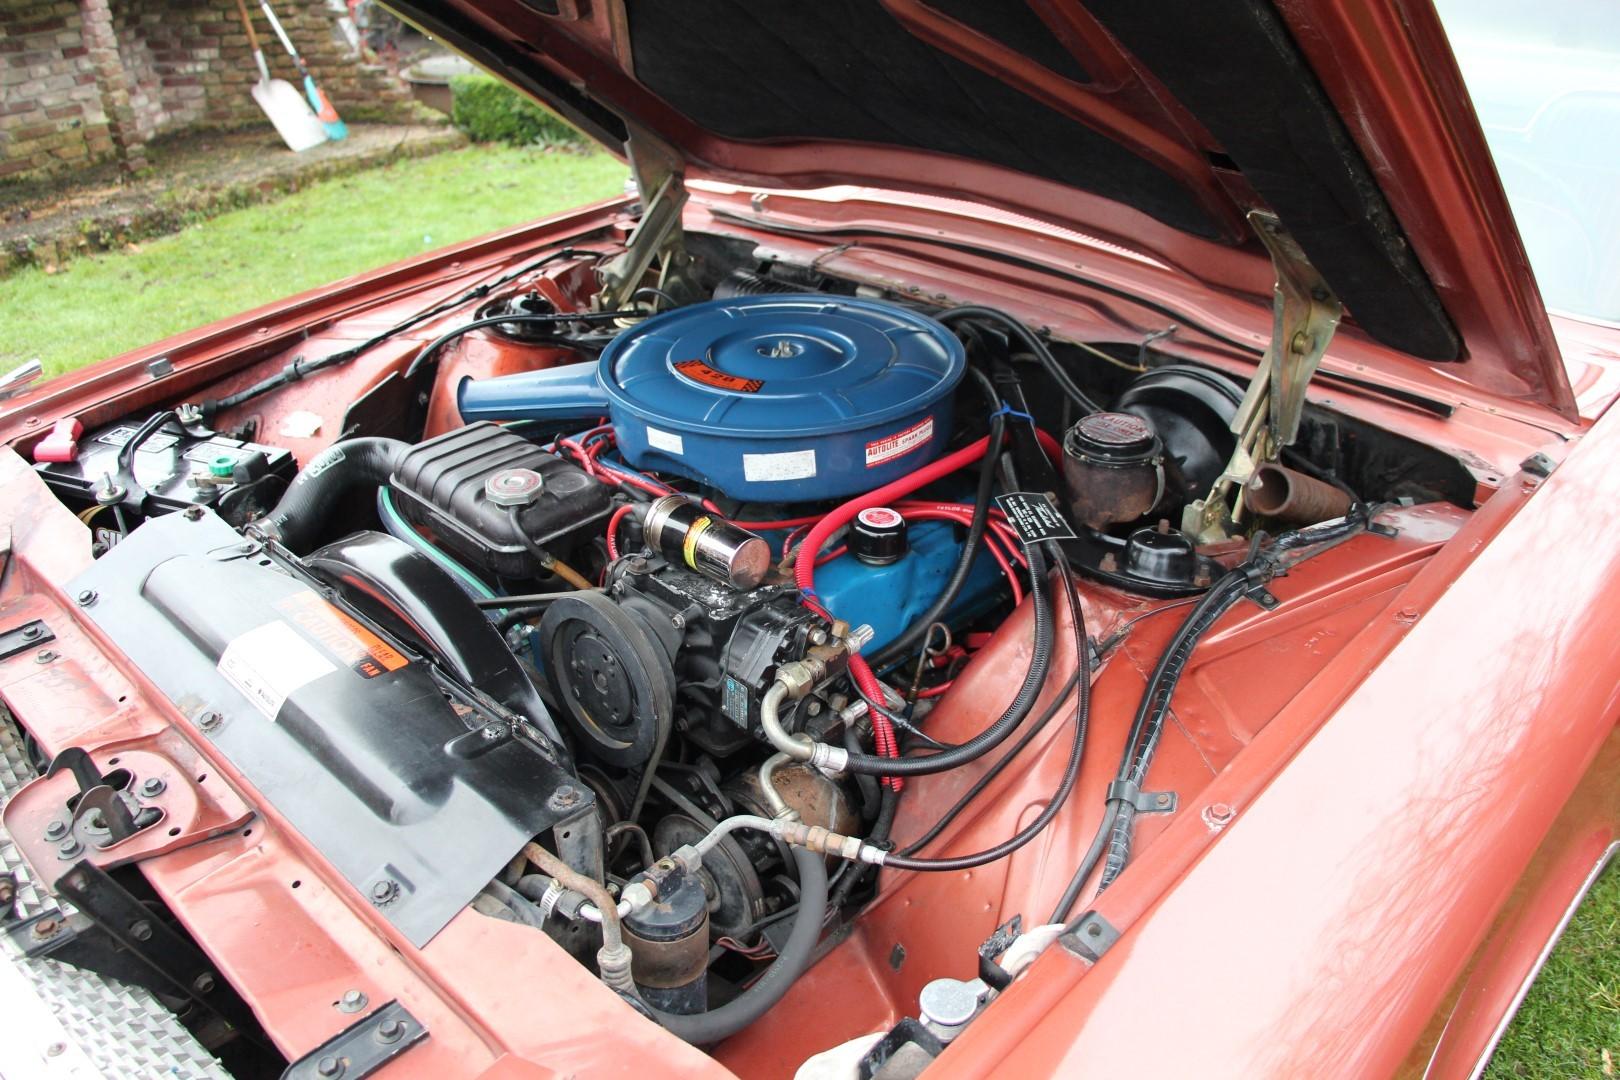 1966 Ford Thunderbird Town Landau 428 - emberglow (3)